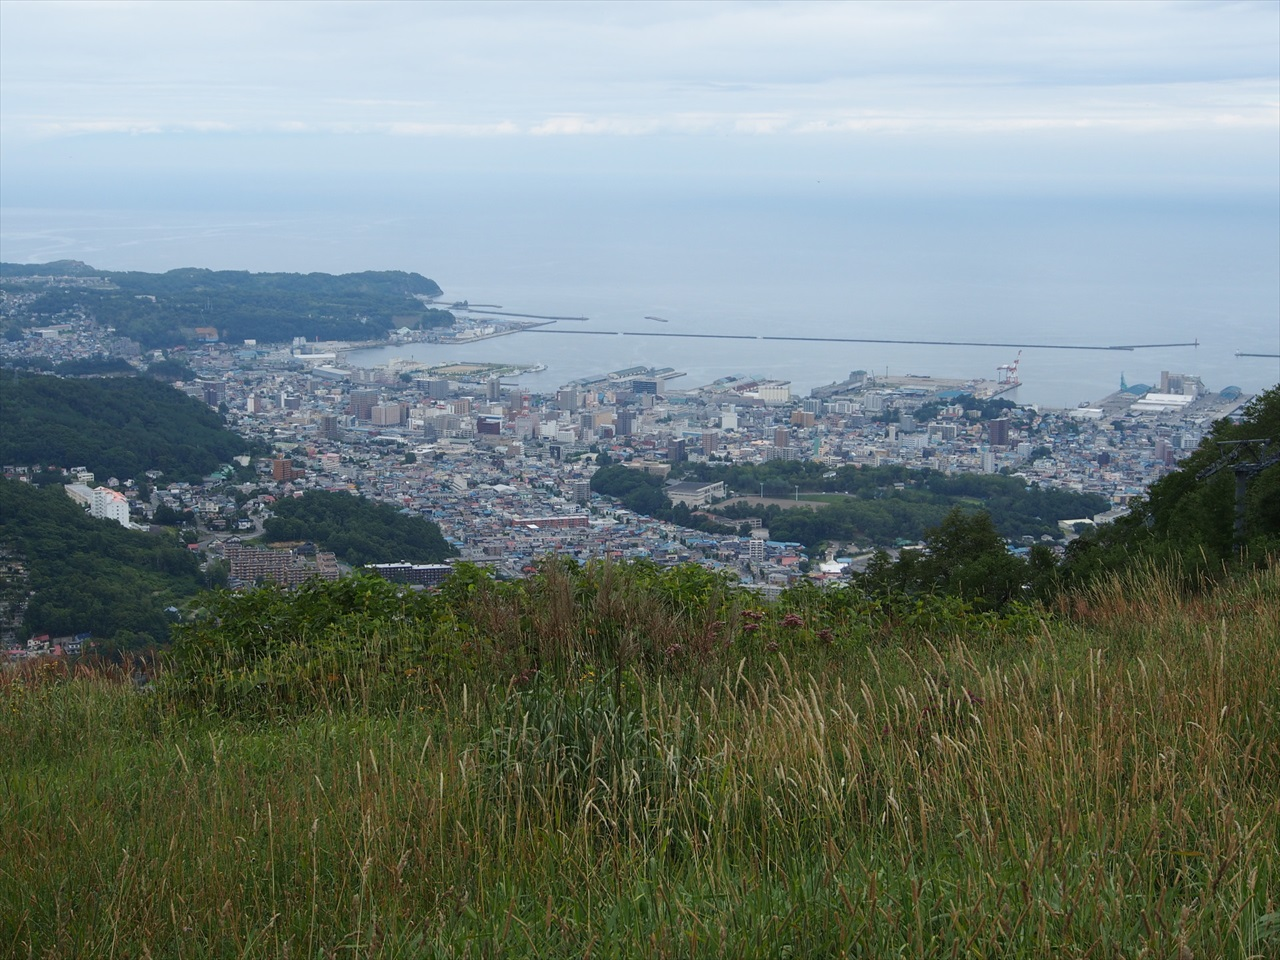 天狗山から眺めた小樽市街と石狩湾